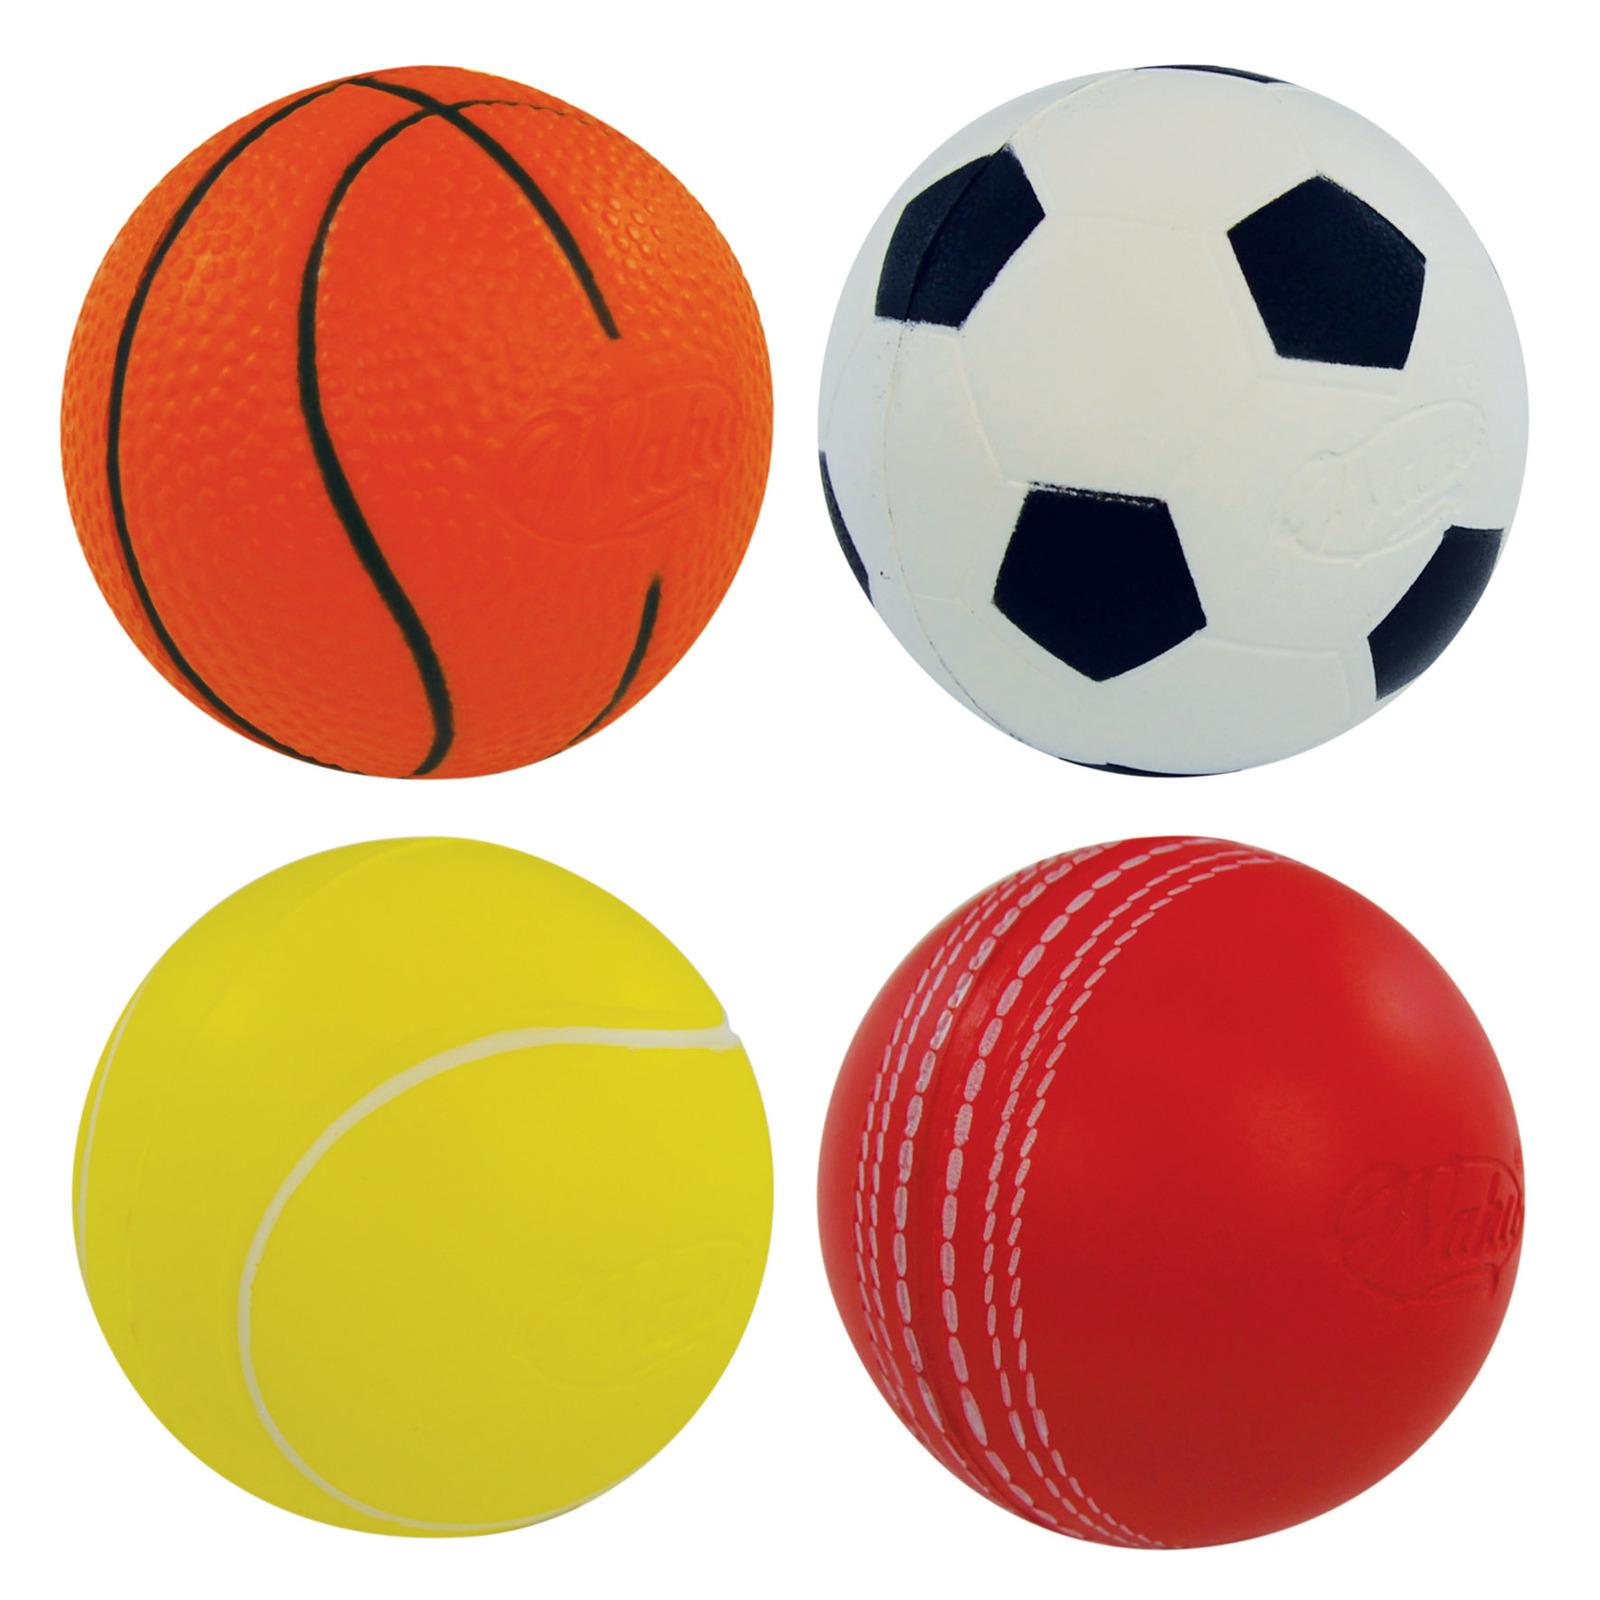 1600x1600 High Bounce Sports Ball